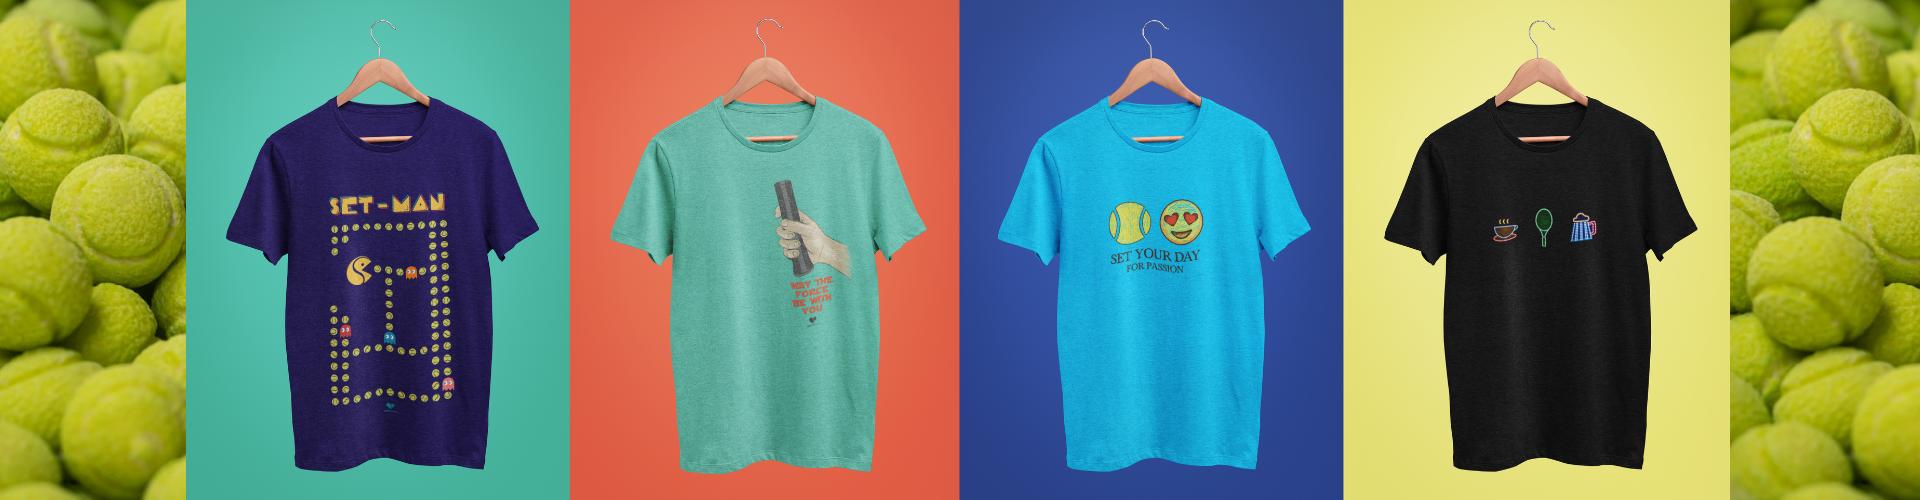 camisetas5